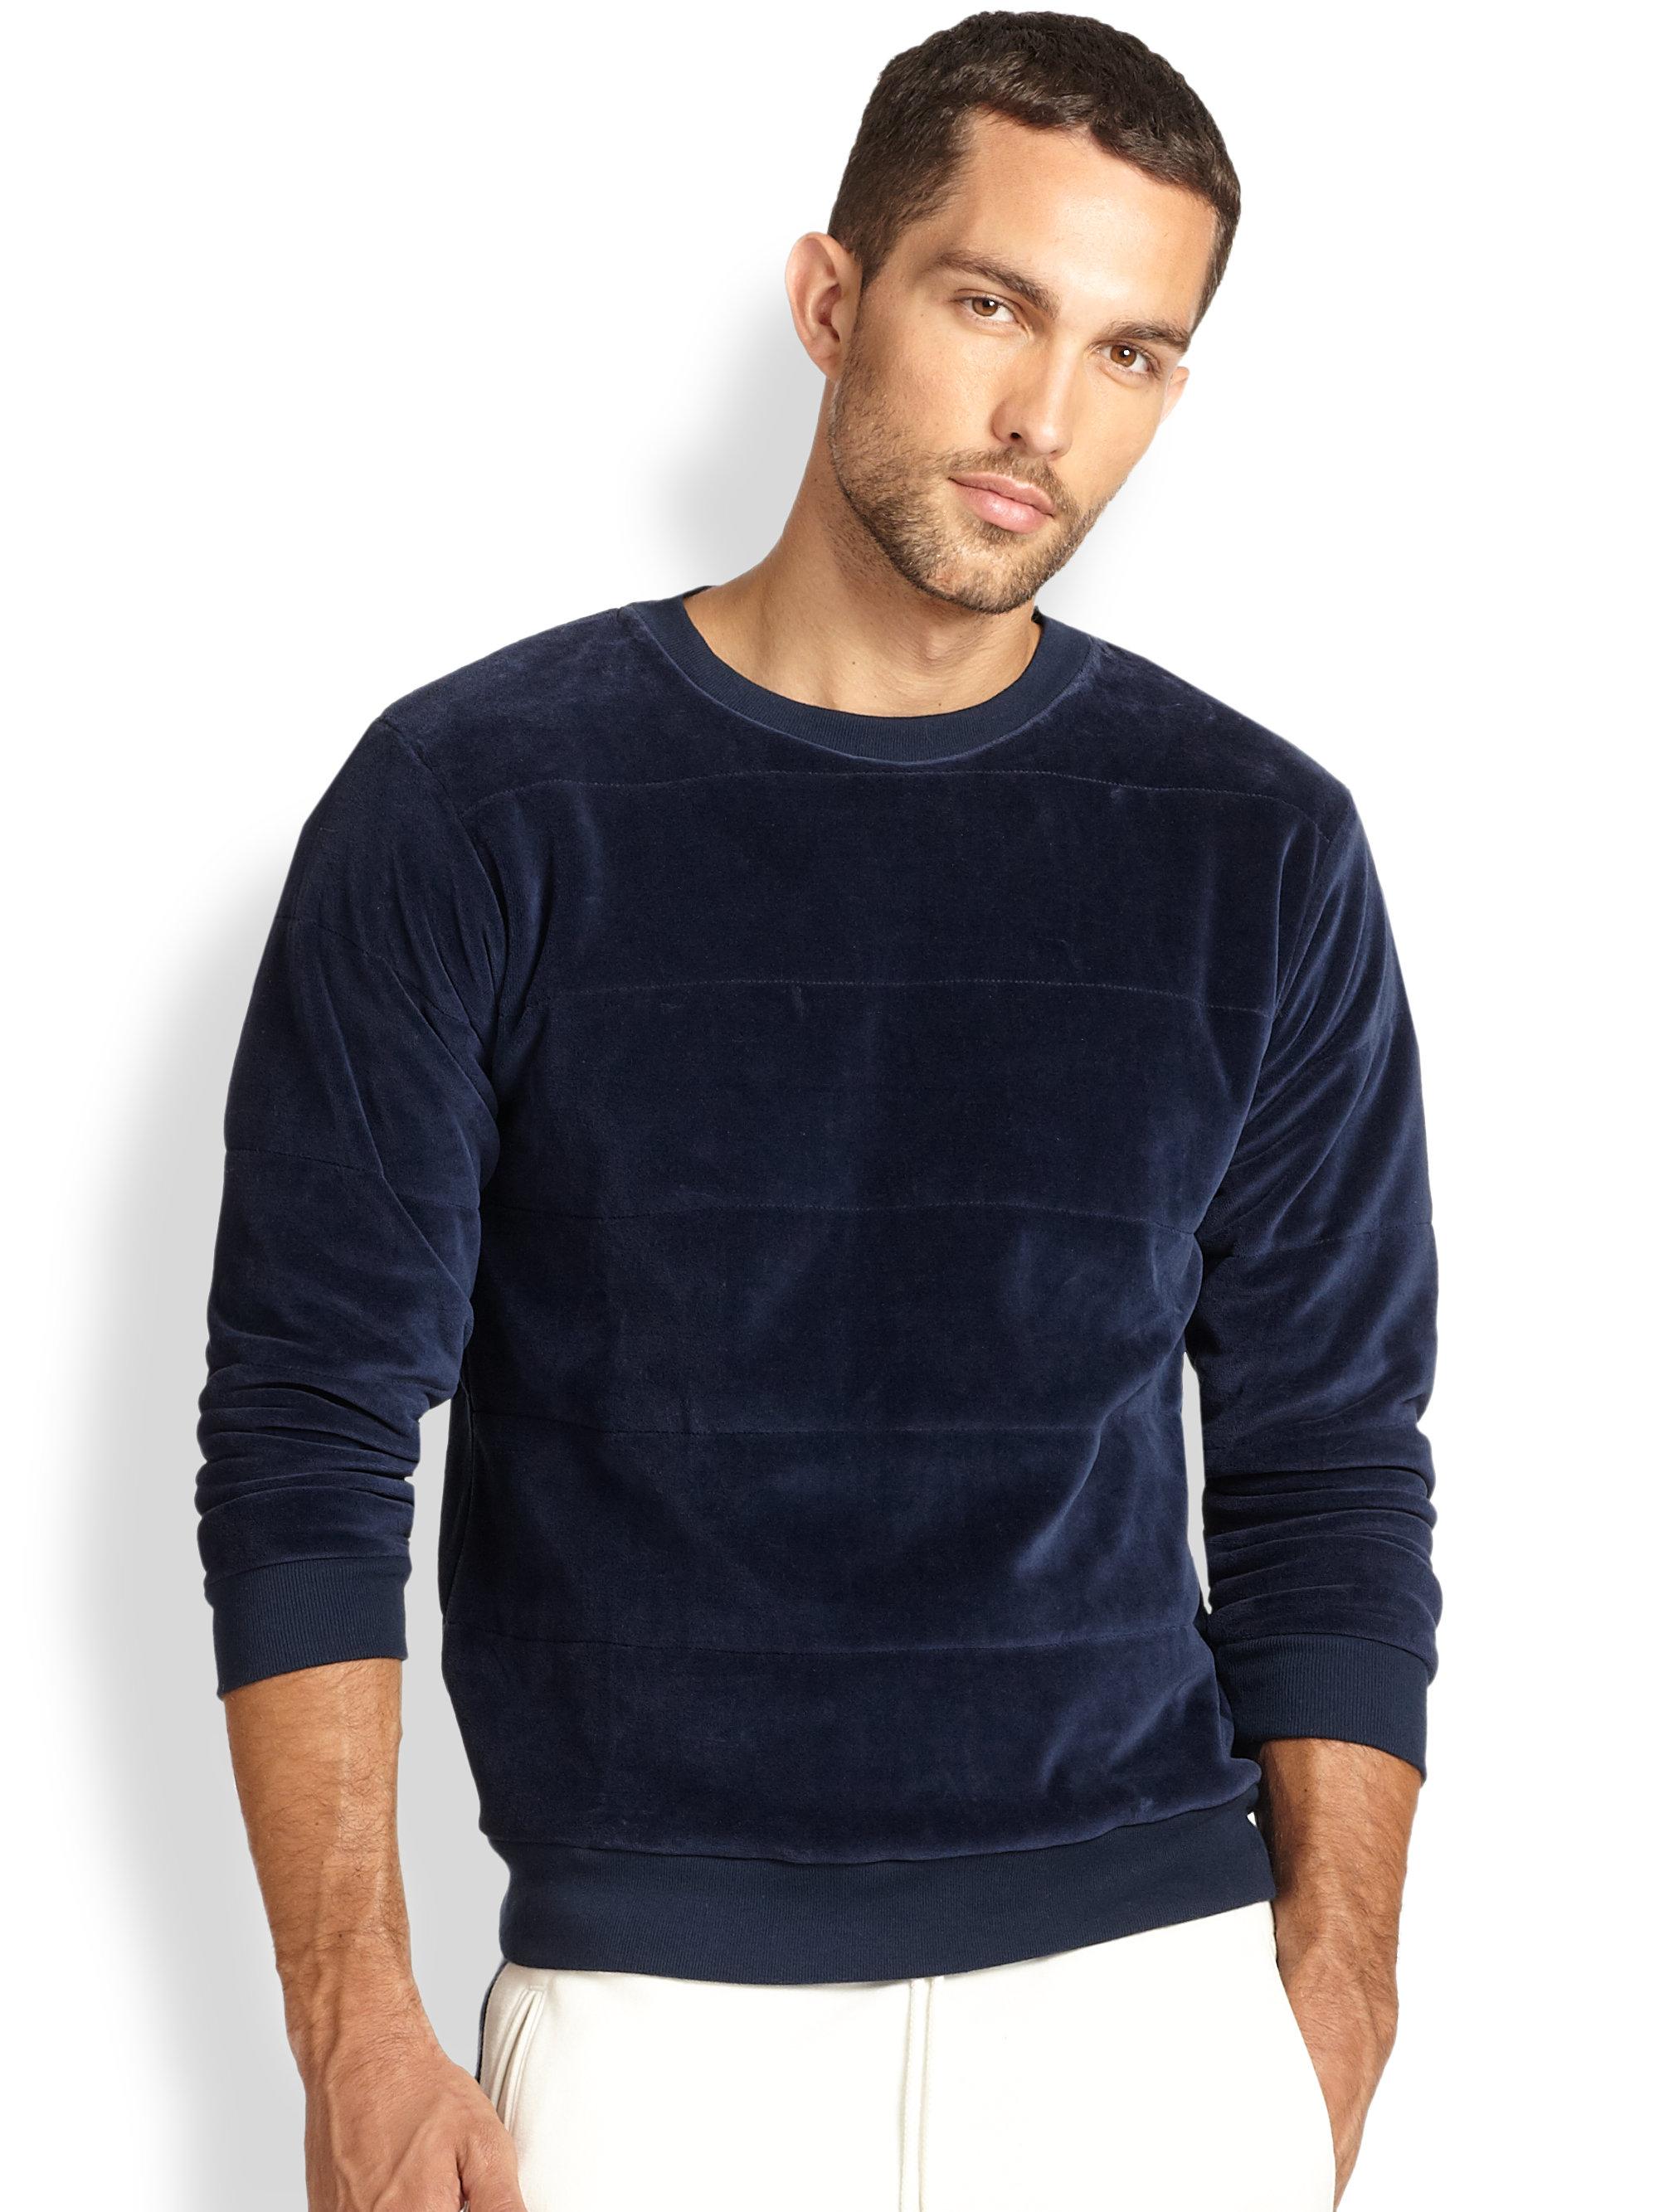 201 Ditions Mr Velvet Seamed Pullover In Blue For Men Lyst